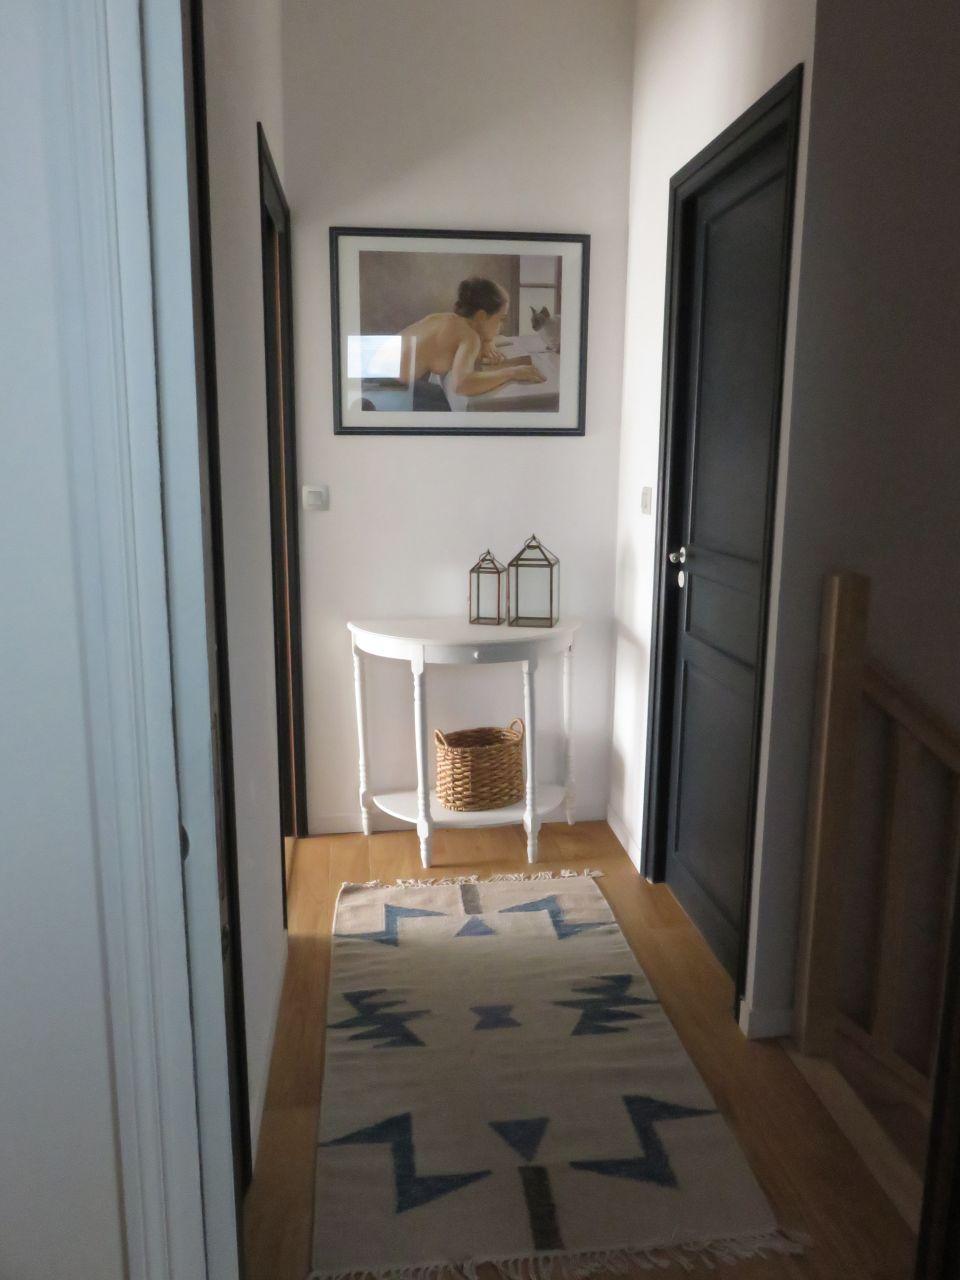 Dégagement / couloir 1m2 sols tapis - Murs Erigne (Maine Et Loire - 49) - novembre 2015